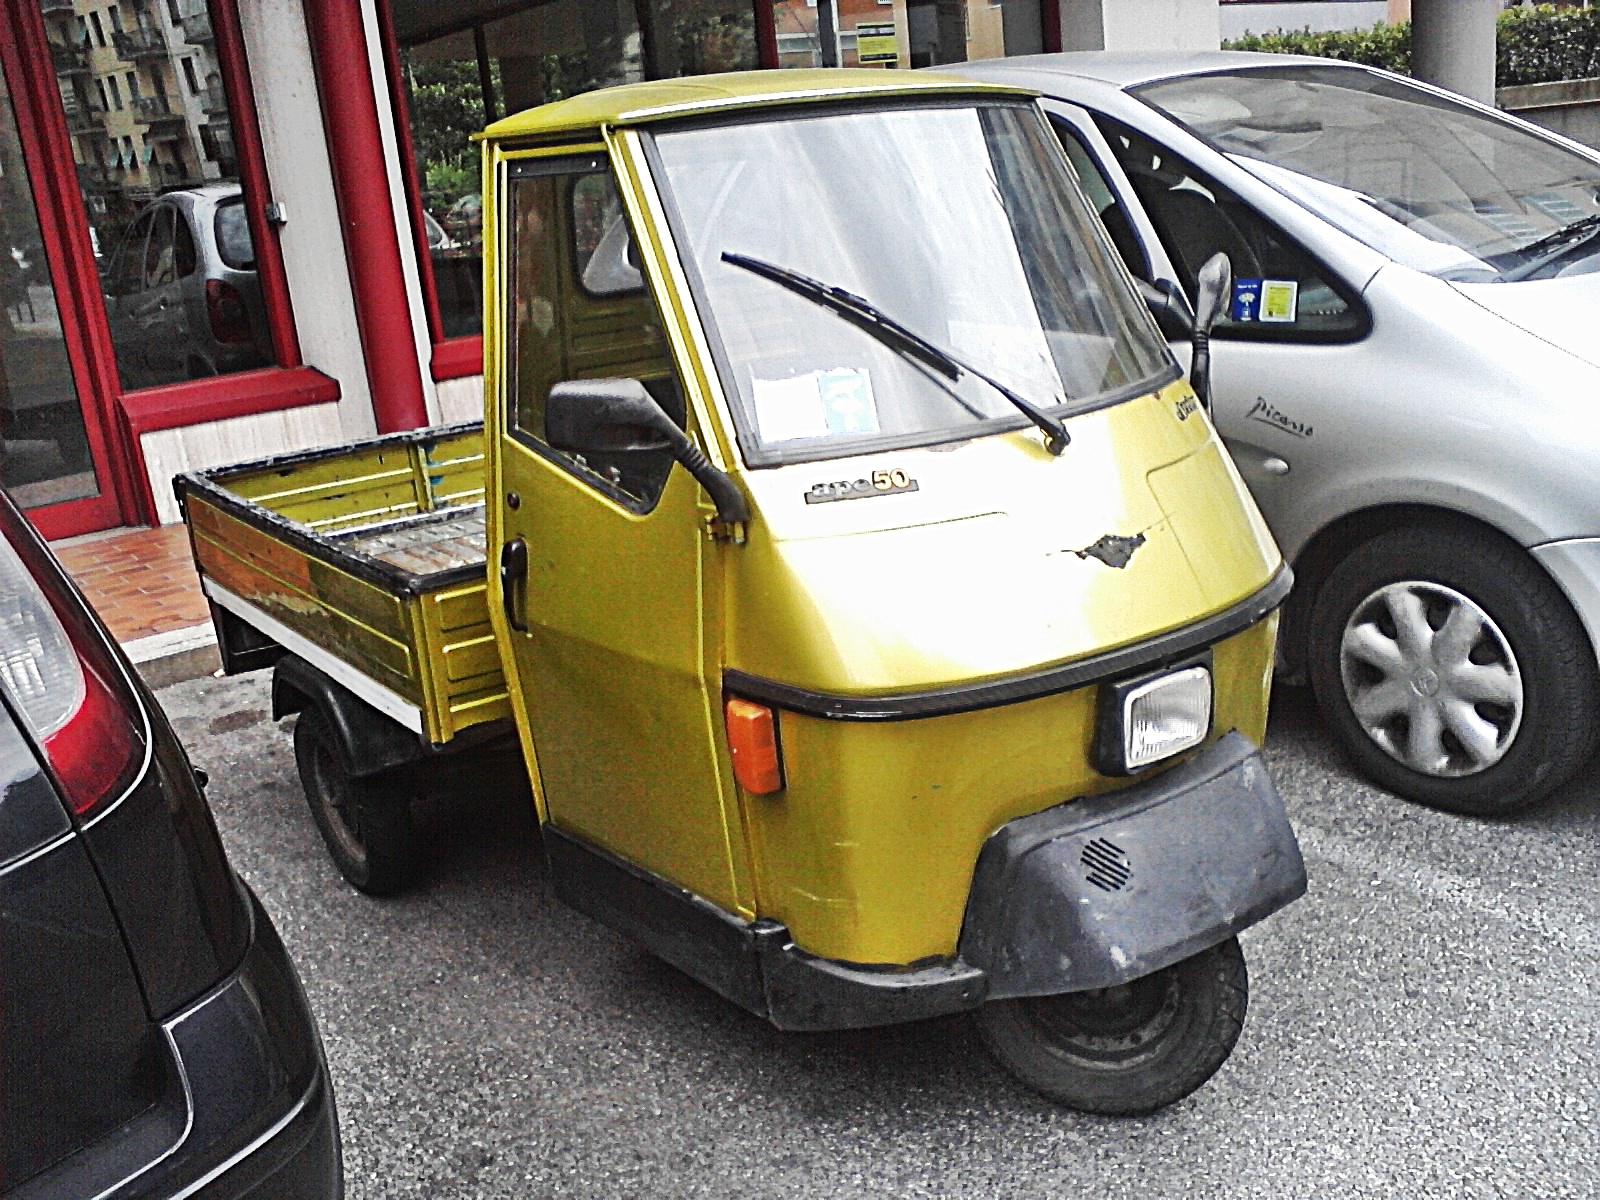 File:Ape cars in Prato.jpg - Wikimedia Commons